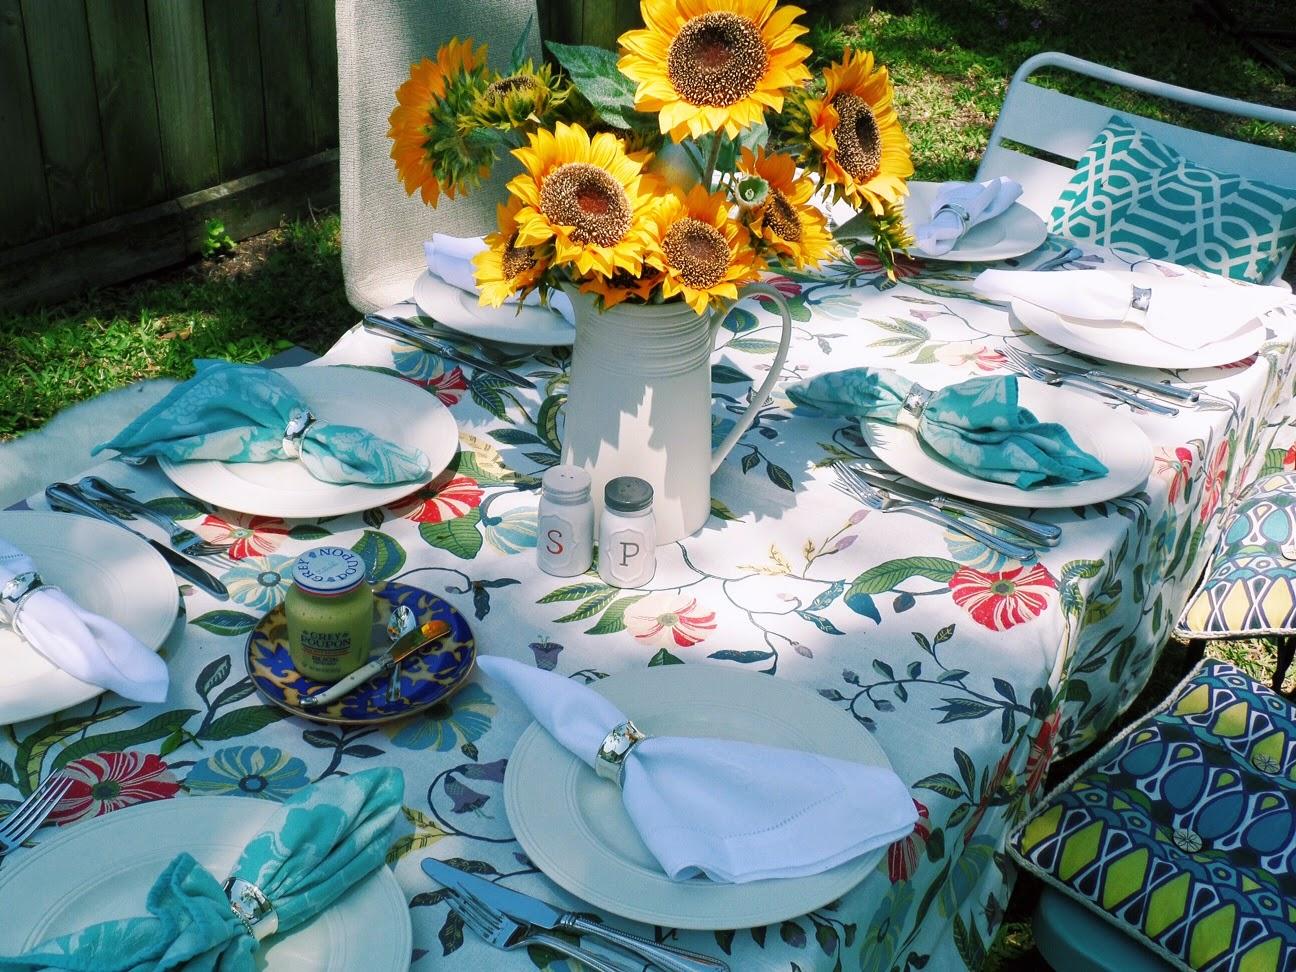 sunflowers brunch, target vine tablecloth, kate spade plates, easter brunch